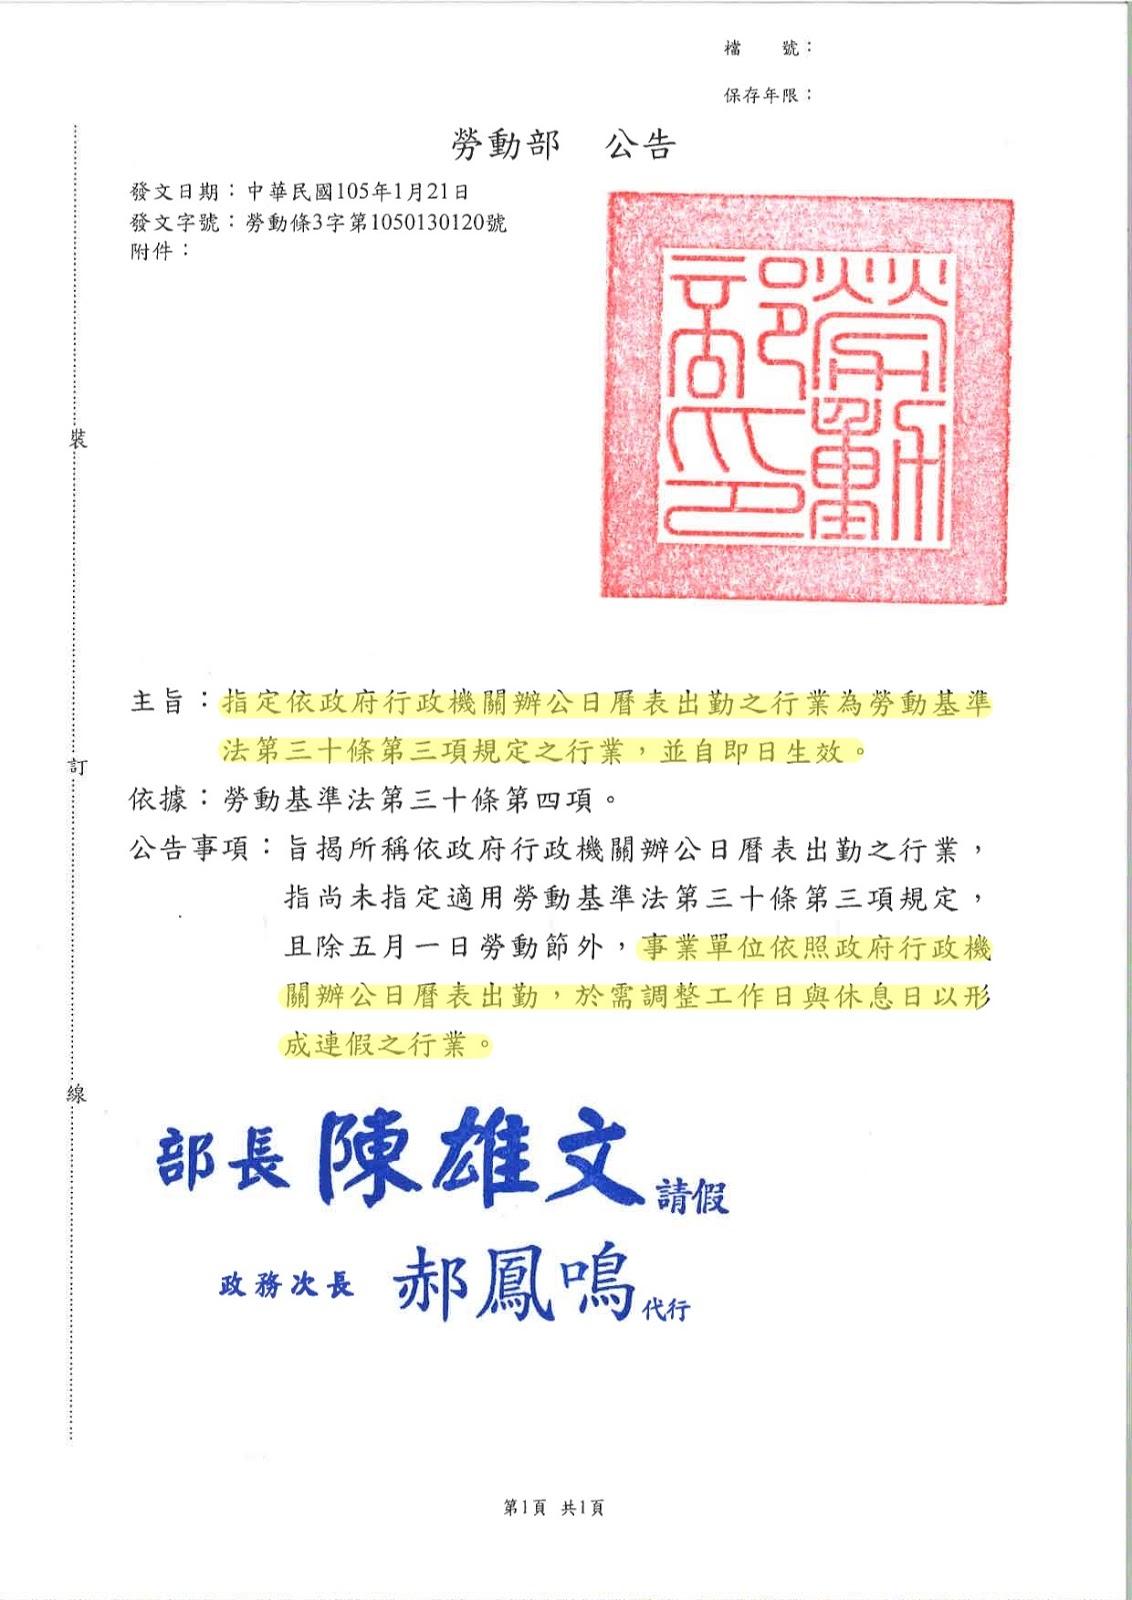 依政府行政機關辦公日曆表出勤之行業為勞基法(30-3)規定之行業公告